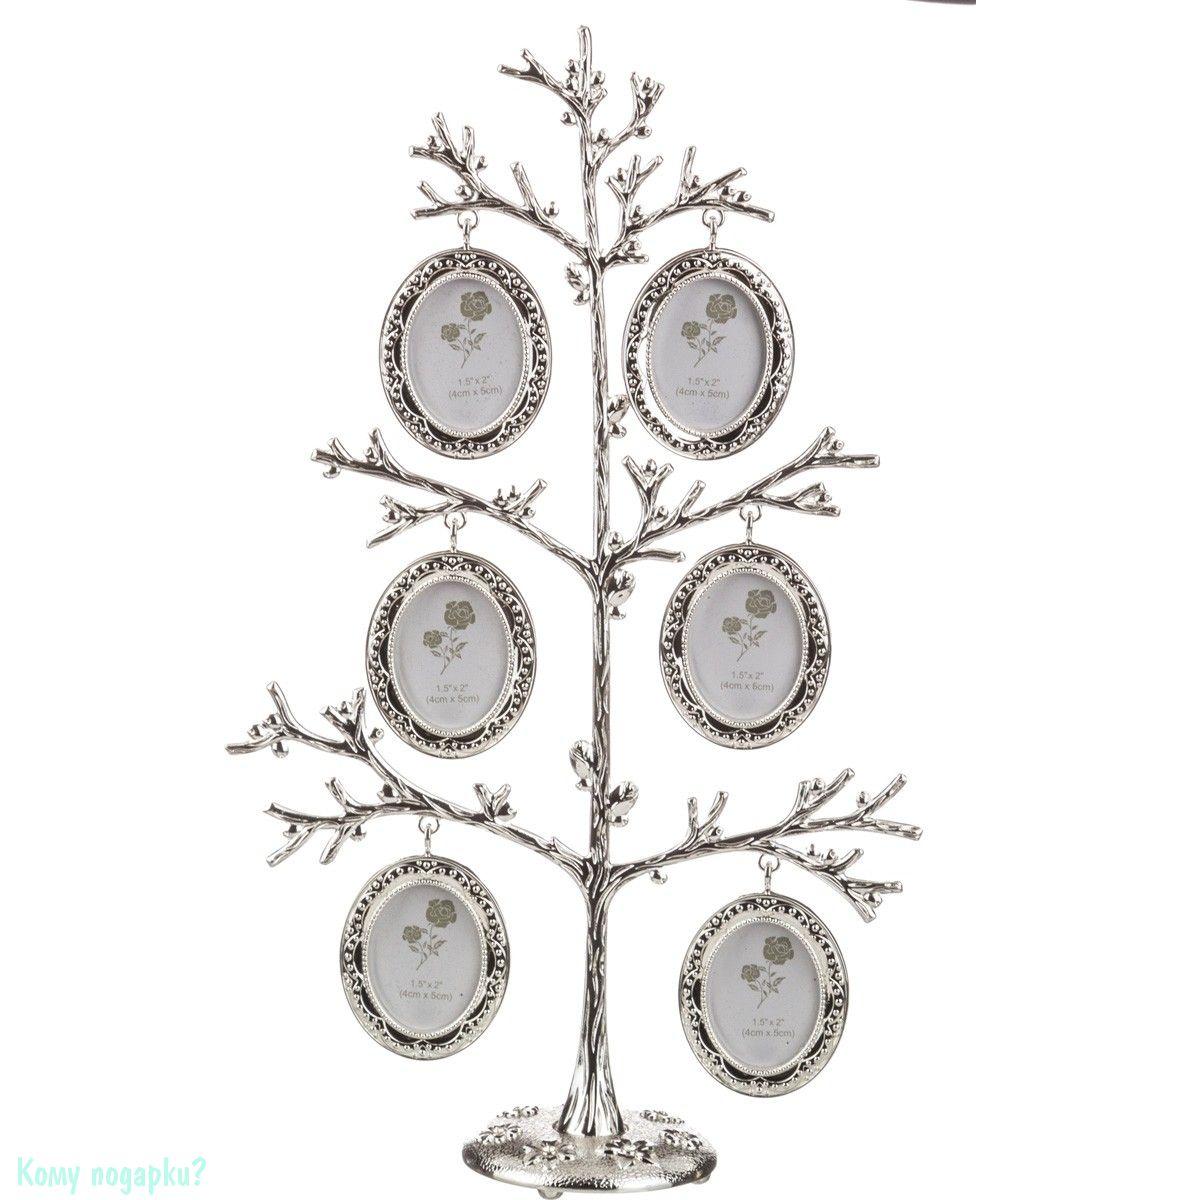 Фоторамки дерево генеалогическое 18 фотографии 5